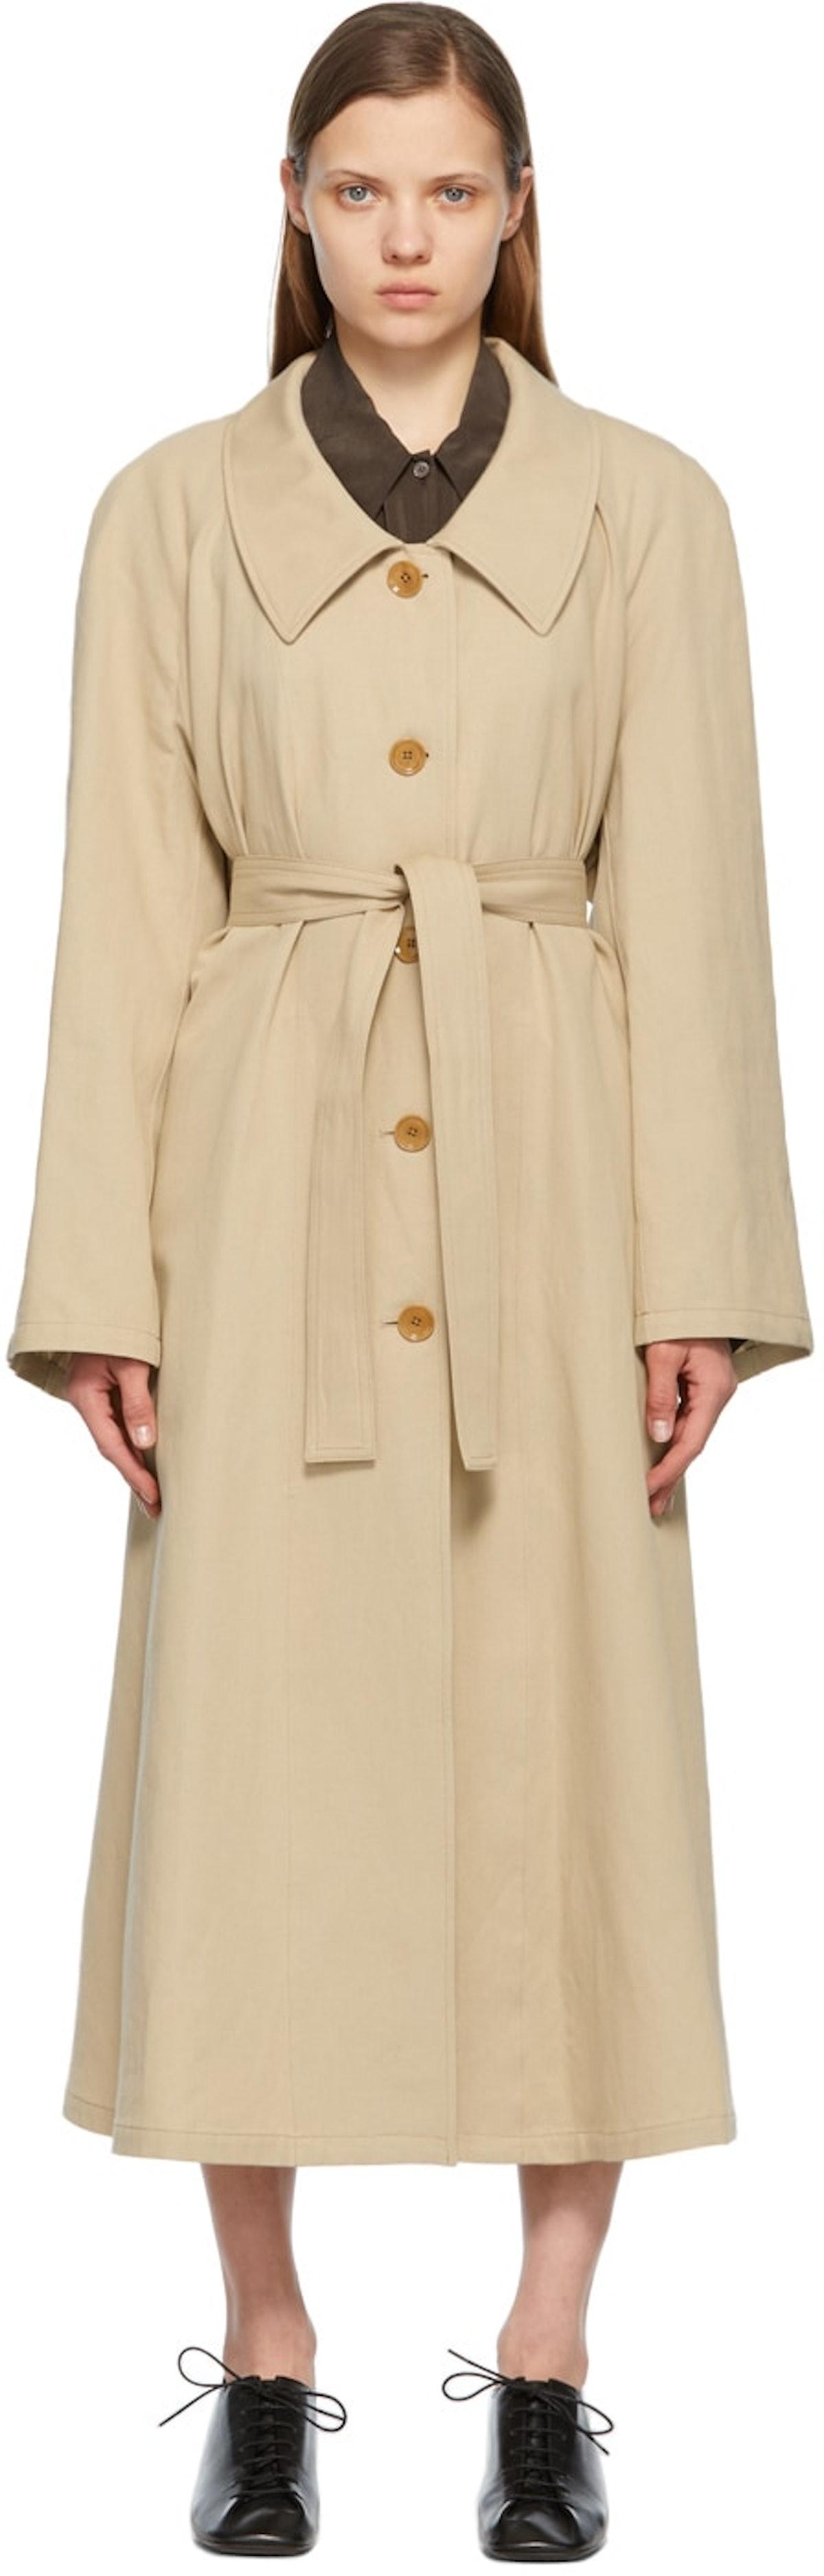 Beige Linen Trench Coat